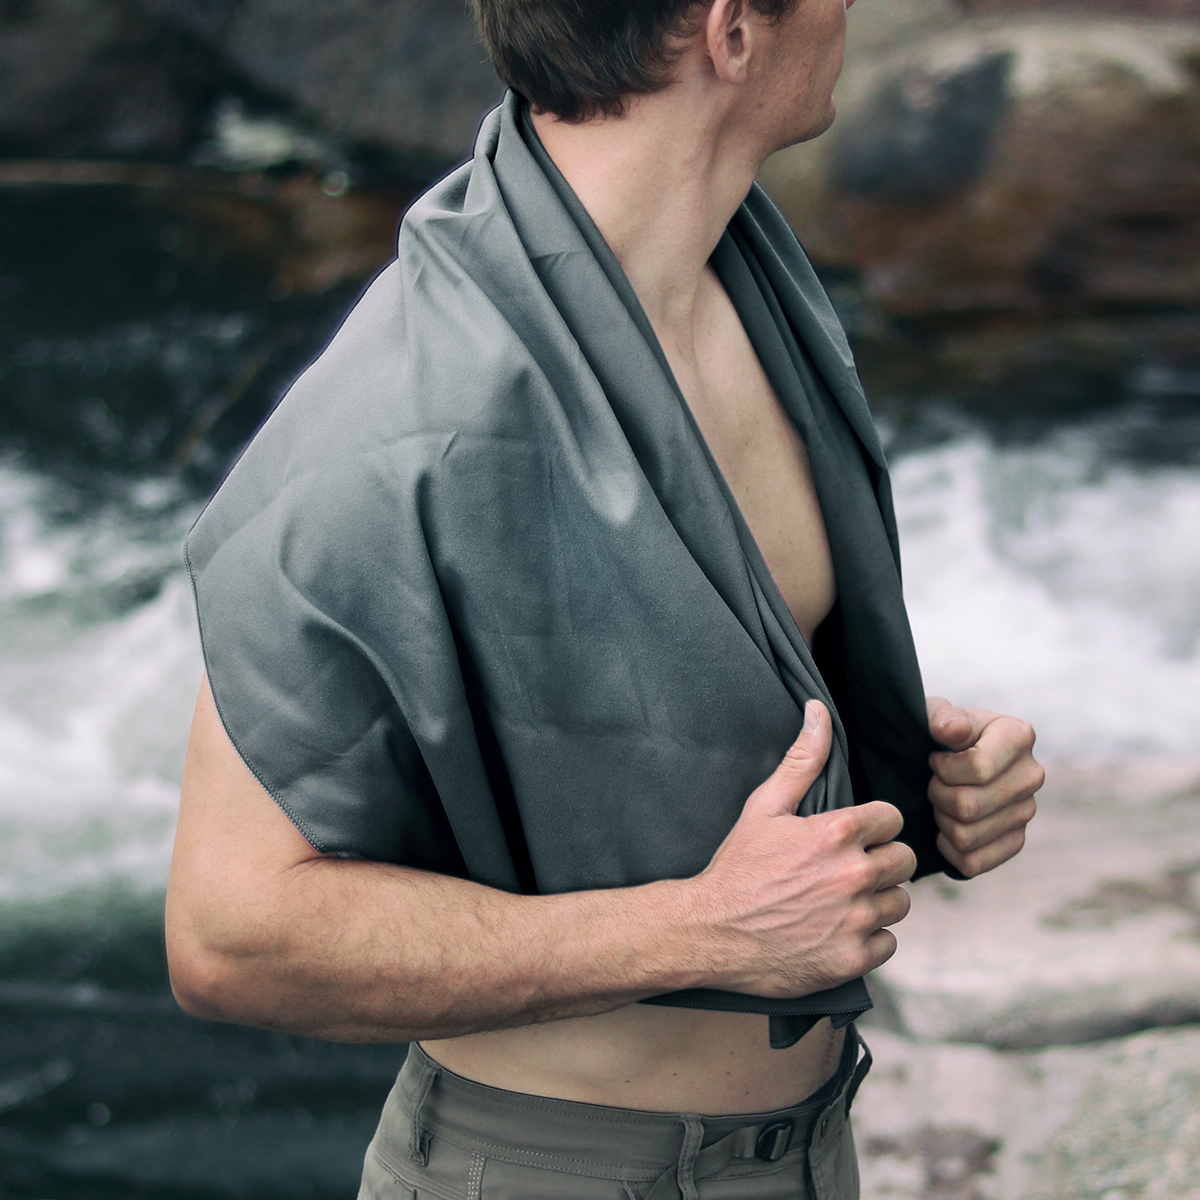 濡れた髪をターバン代わりに巻きつけやすい大判サイズだから、混雑した「海の家」でのシャワーやジムのシャワー後にも重宝する「ナノドライタオル」 | Matador NanoDry Shower Towel